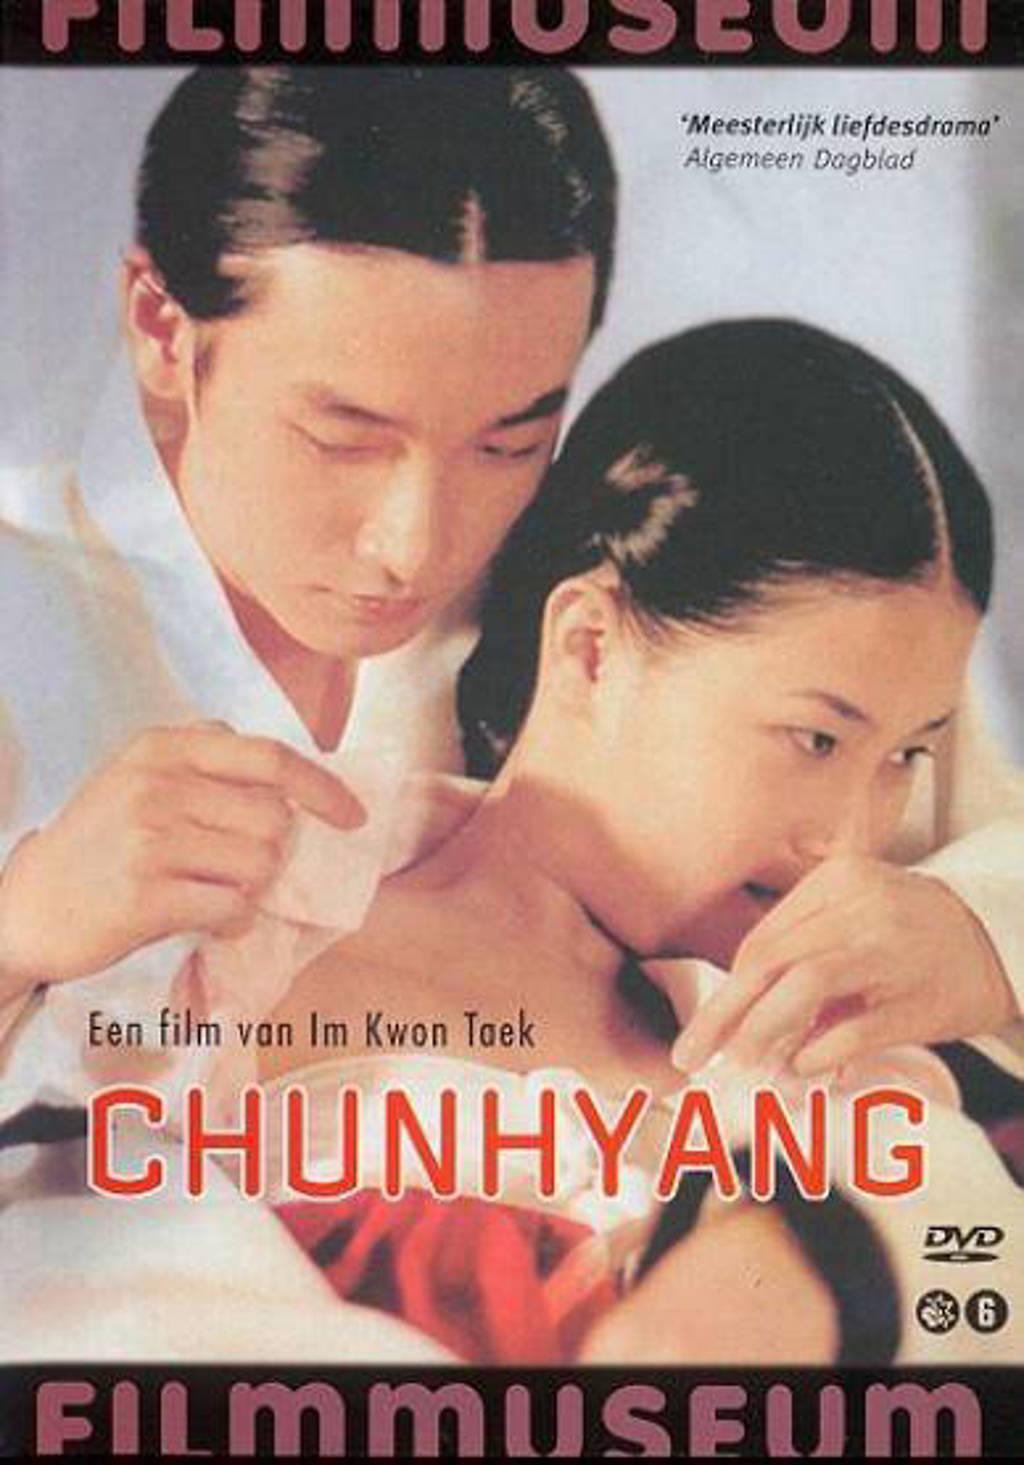 Chunhyang (DVD)